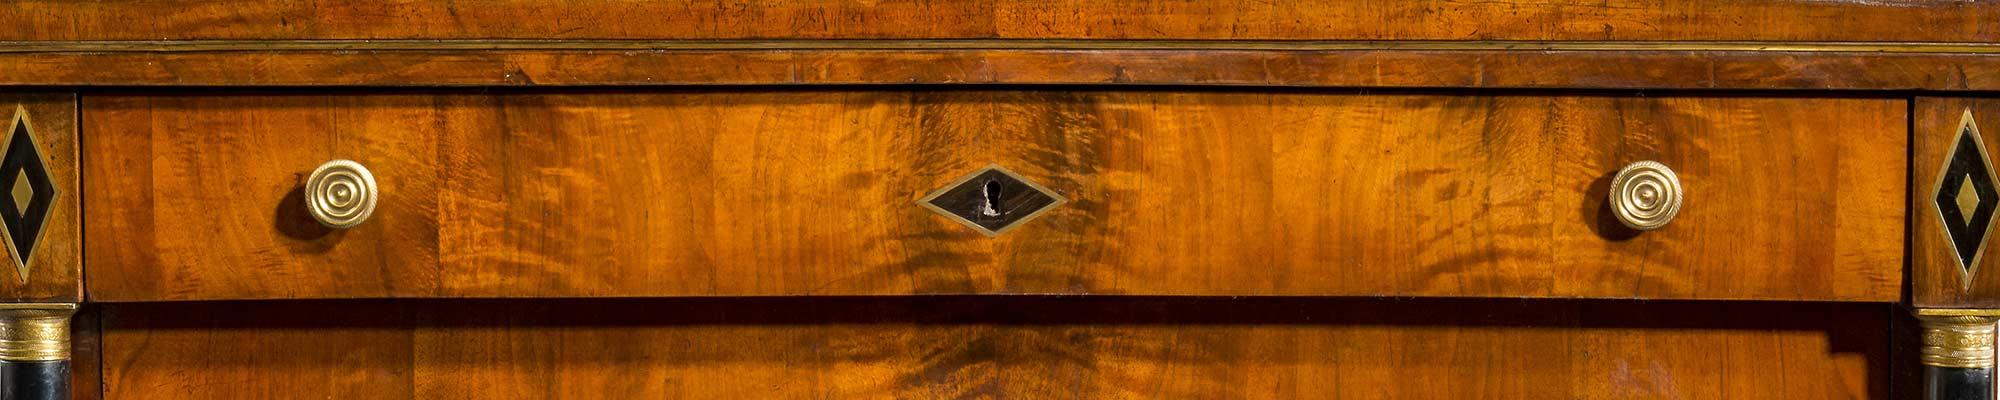 Acquisto e compro mobili antichi - Antichita La Rocca